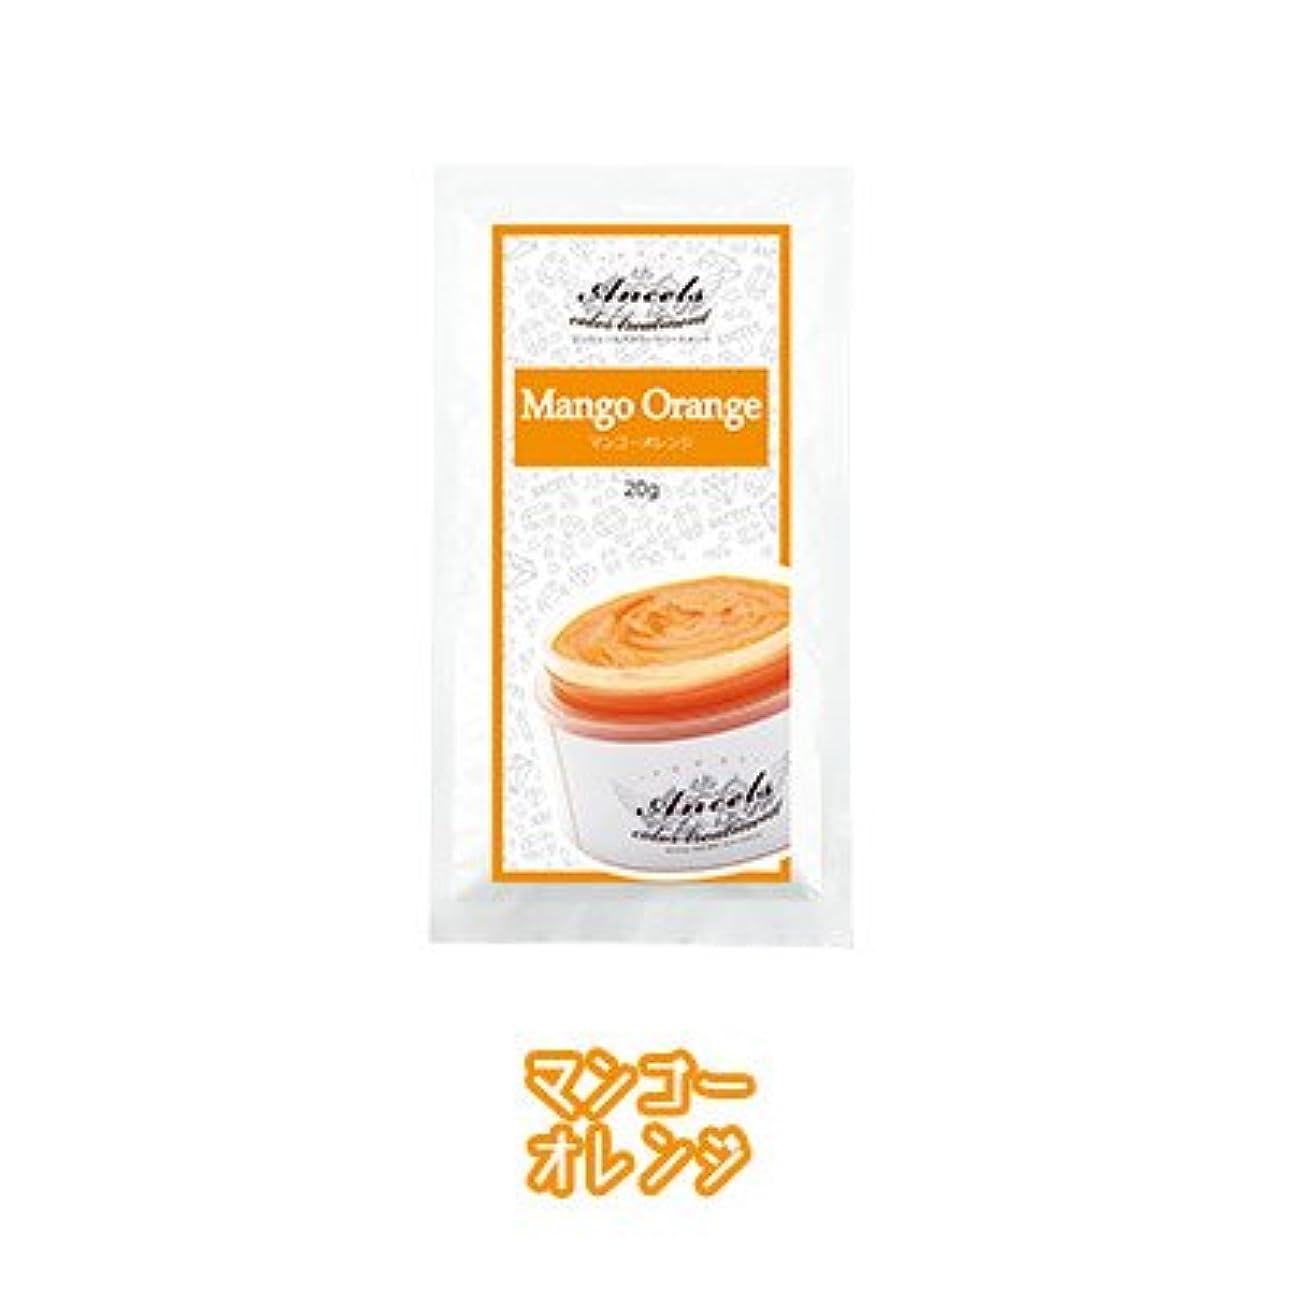 正しく音声熱望するエンシェールズ カラートリートメントバター プチ(お試しサイズ) マンゴーオレンジ 20g